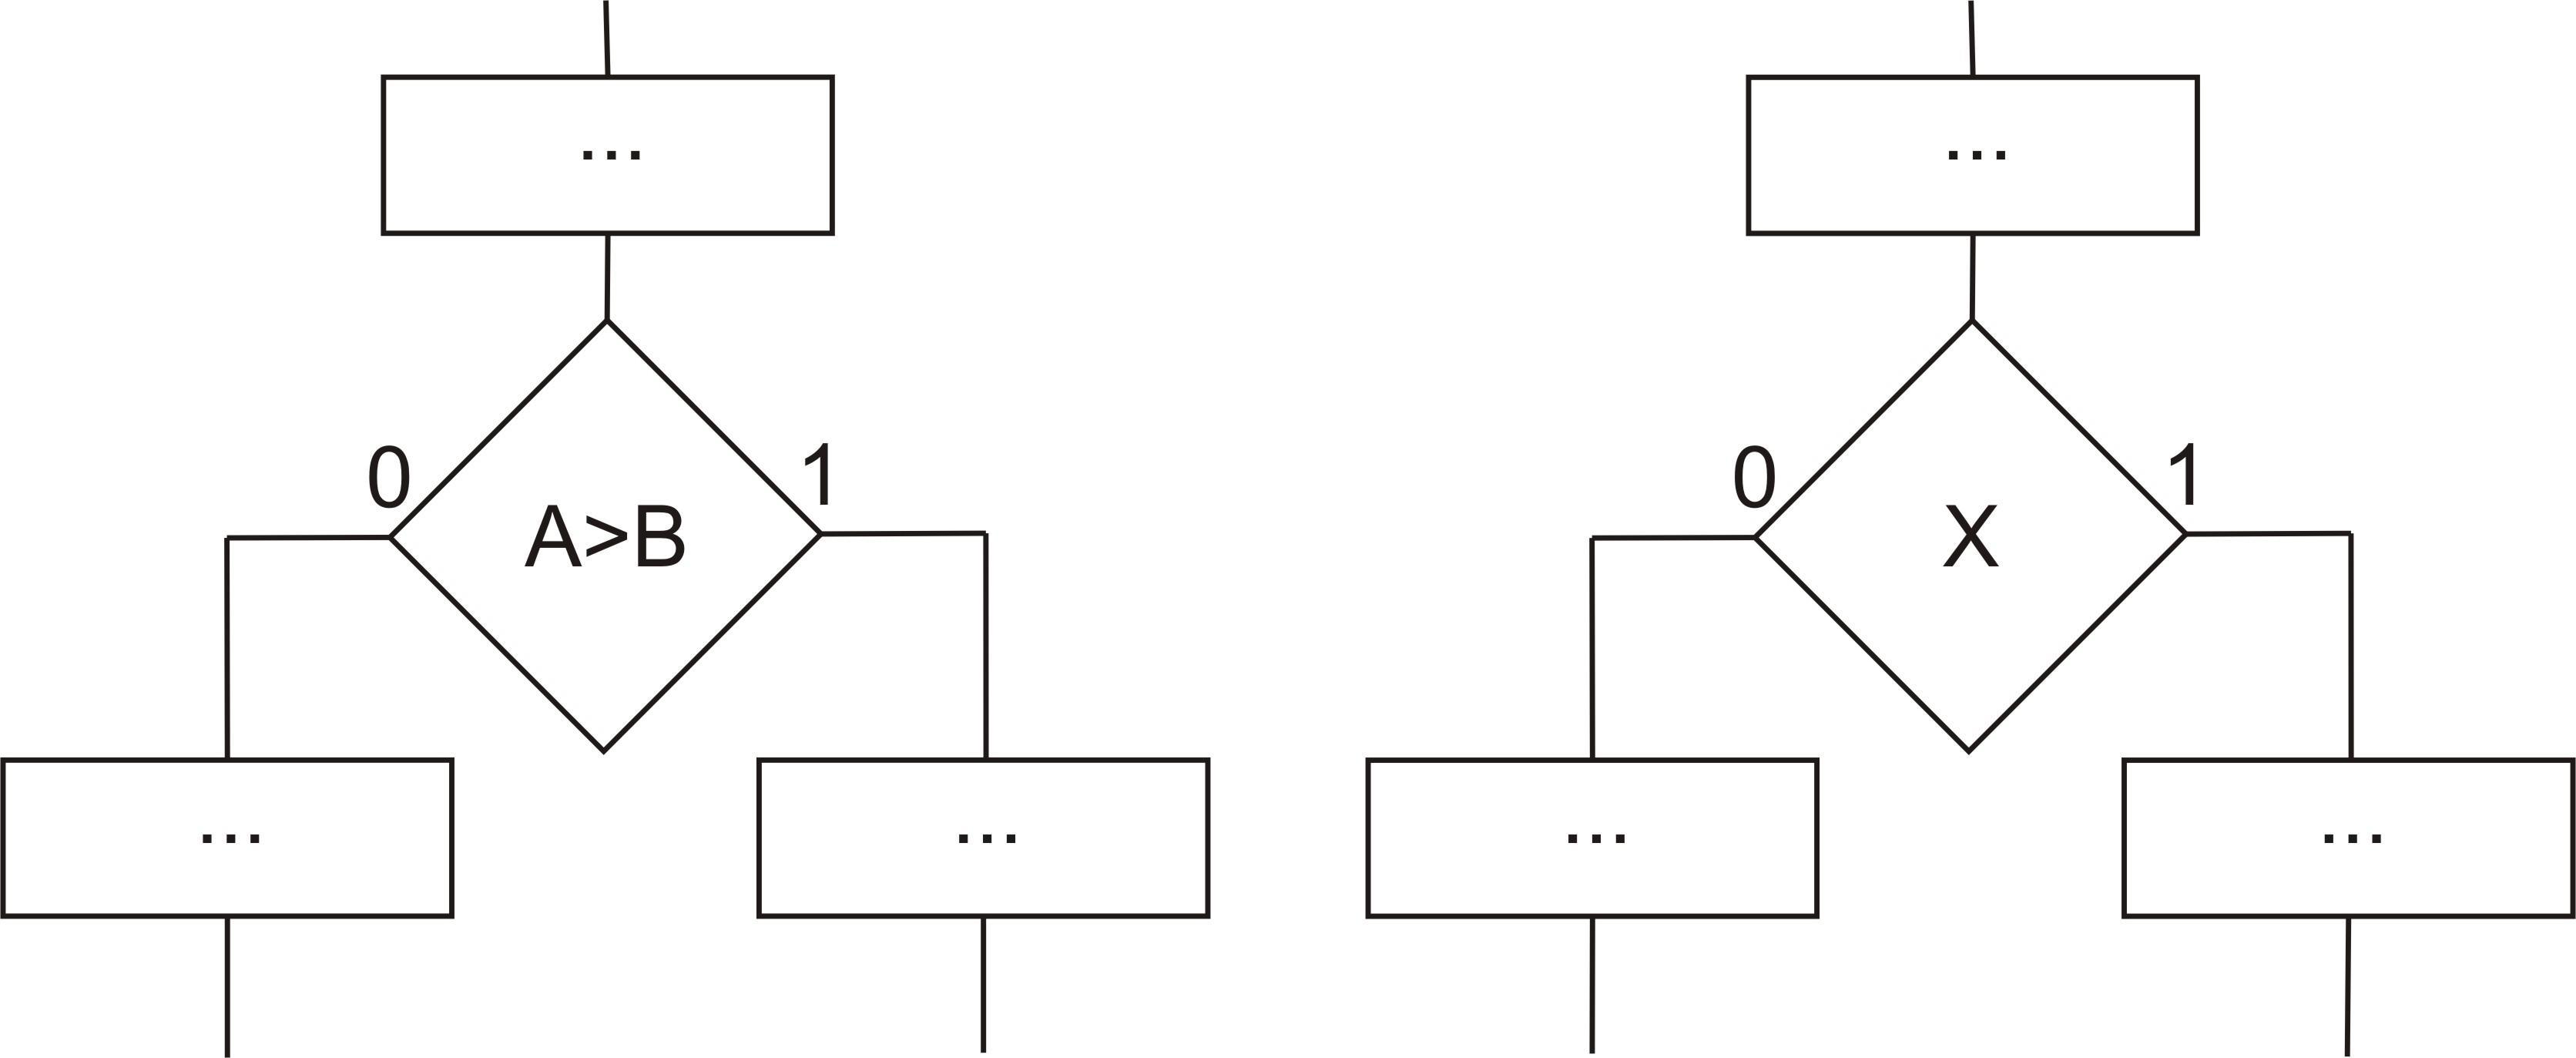 сравнение чисел со знаком в vhdl